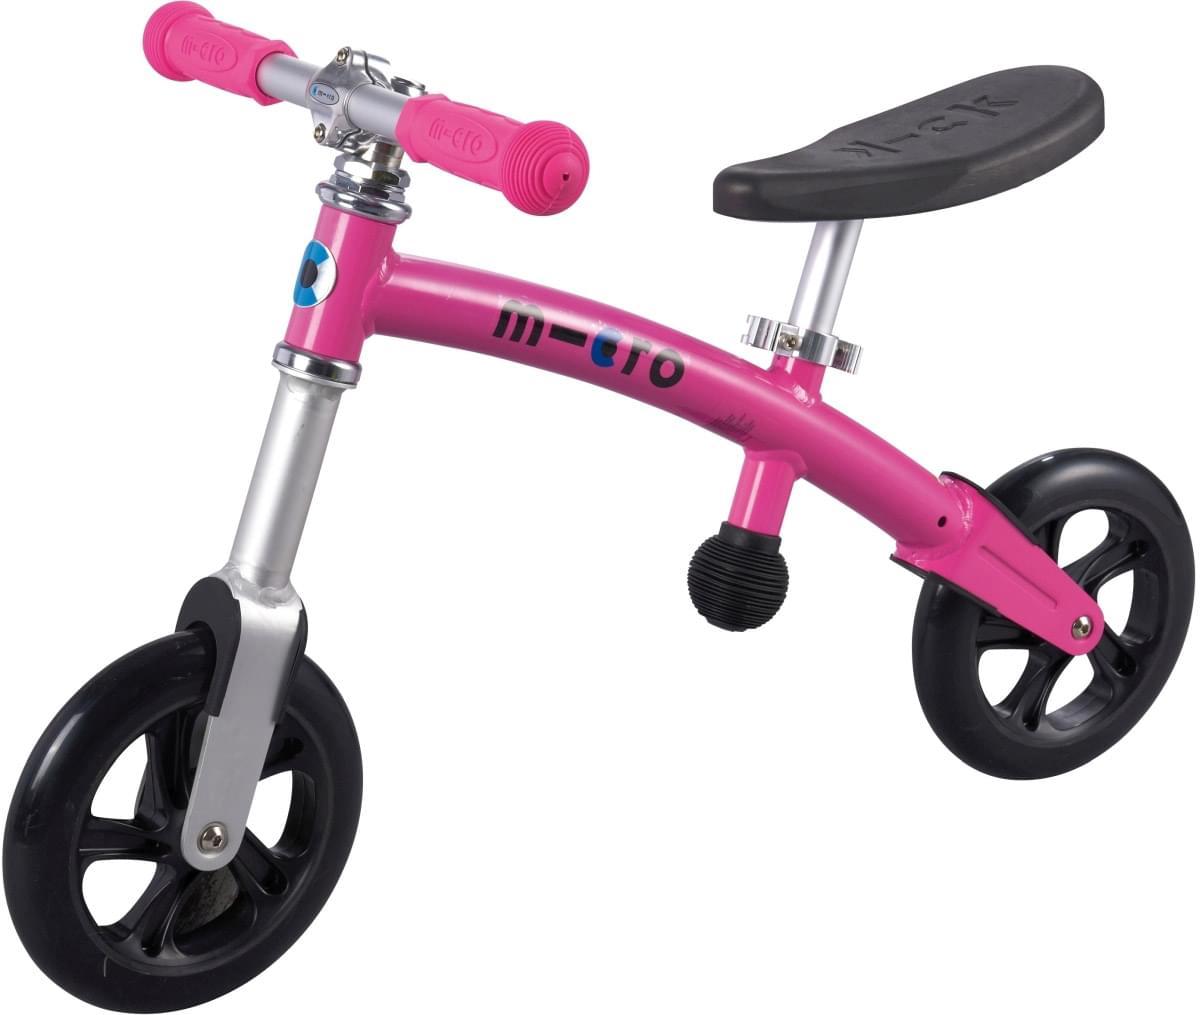 Odrážedlo Micro G-Bike+ Light růžové (pink) uni